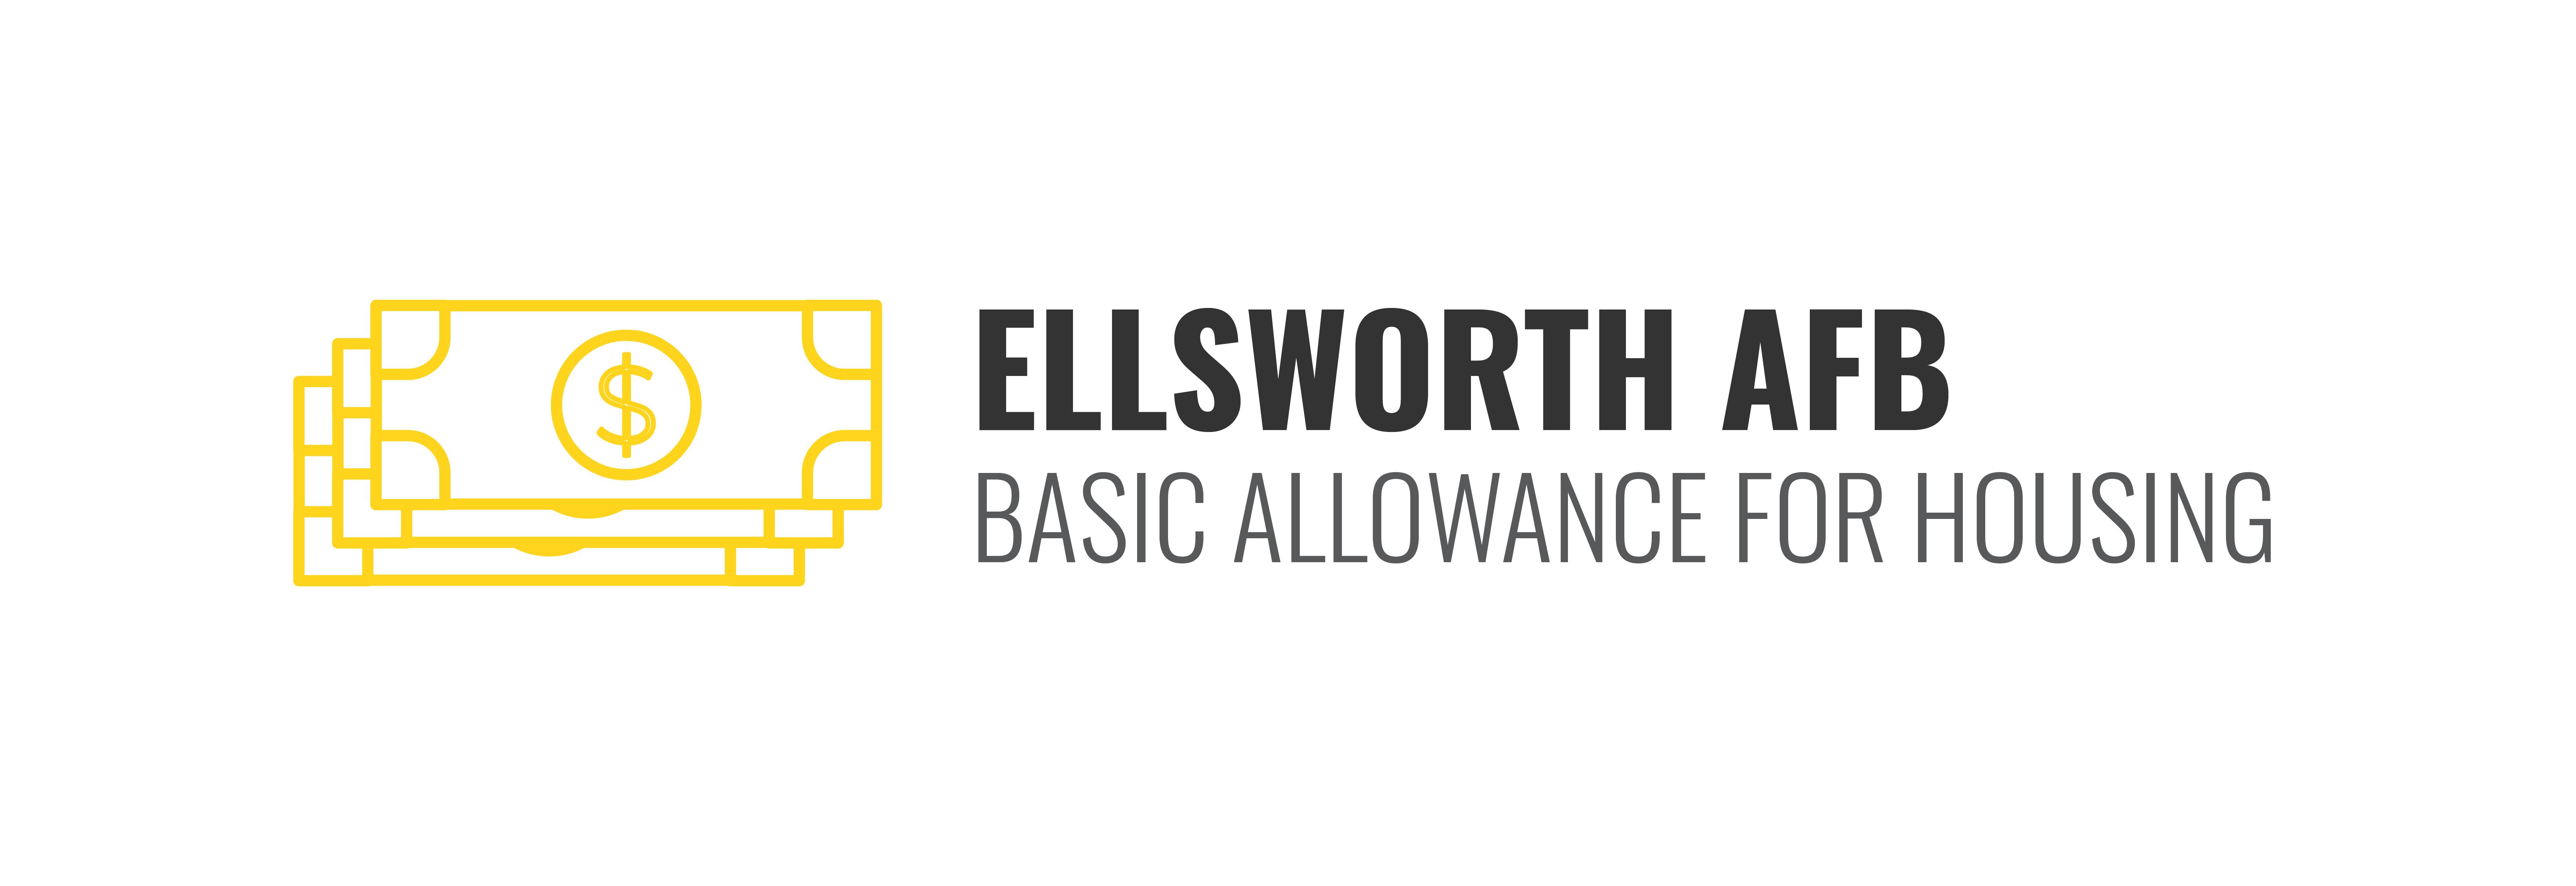 Ellsworth AFB